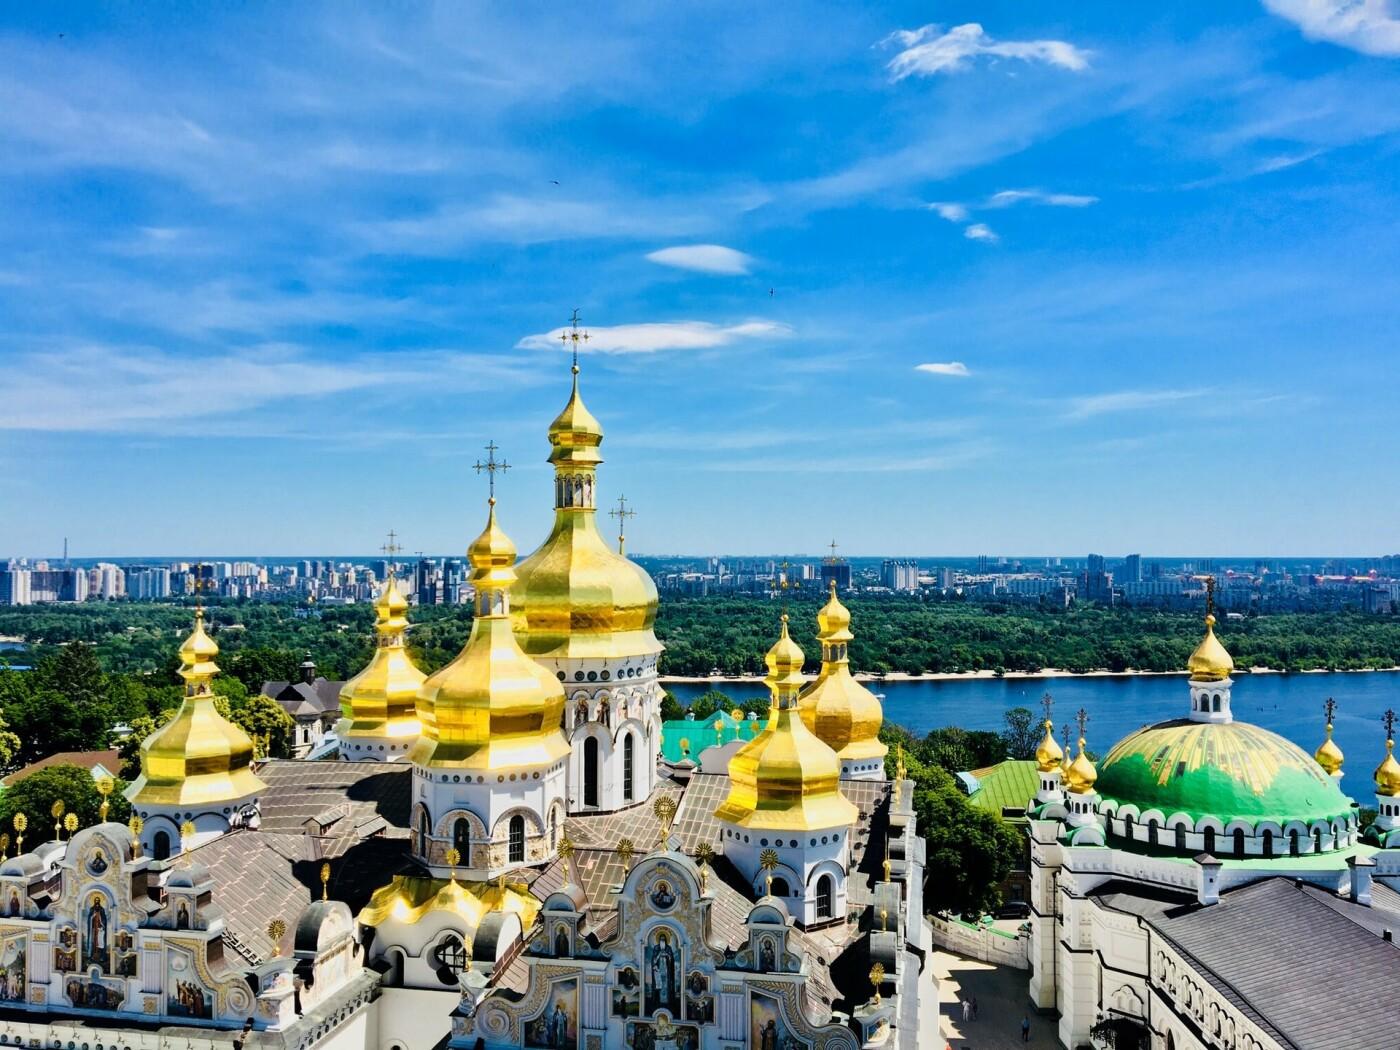 Карантин в Киеве: до какого числа продлятся ограничения станет известно уже сегодня, Фото: Chaiwat Hanpitakp